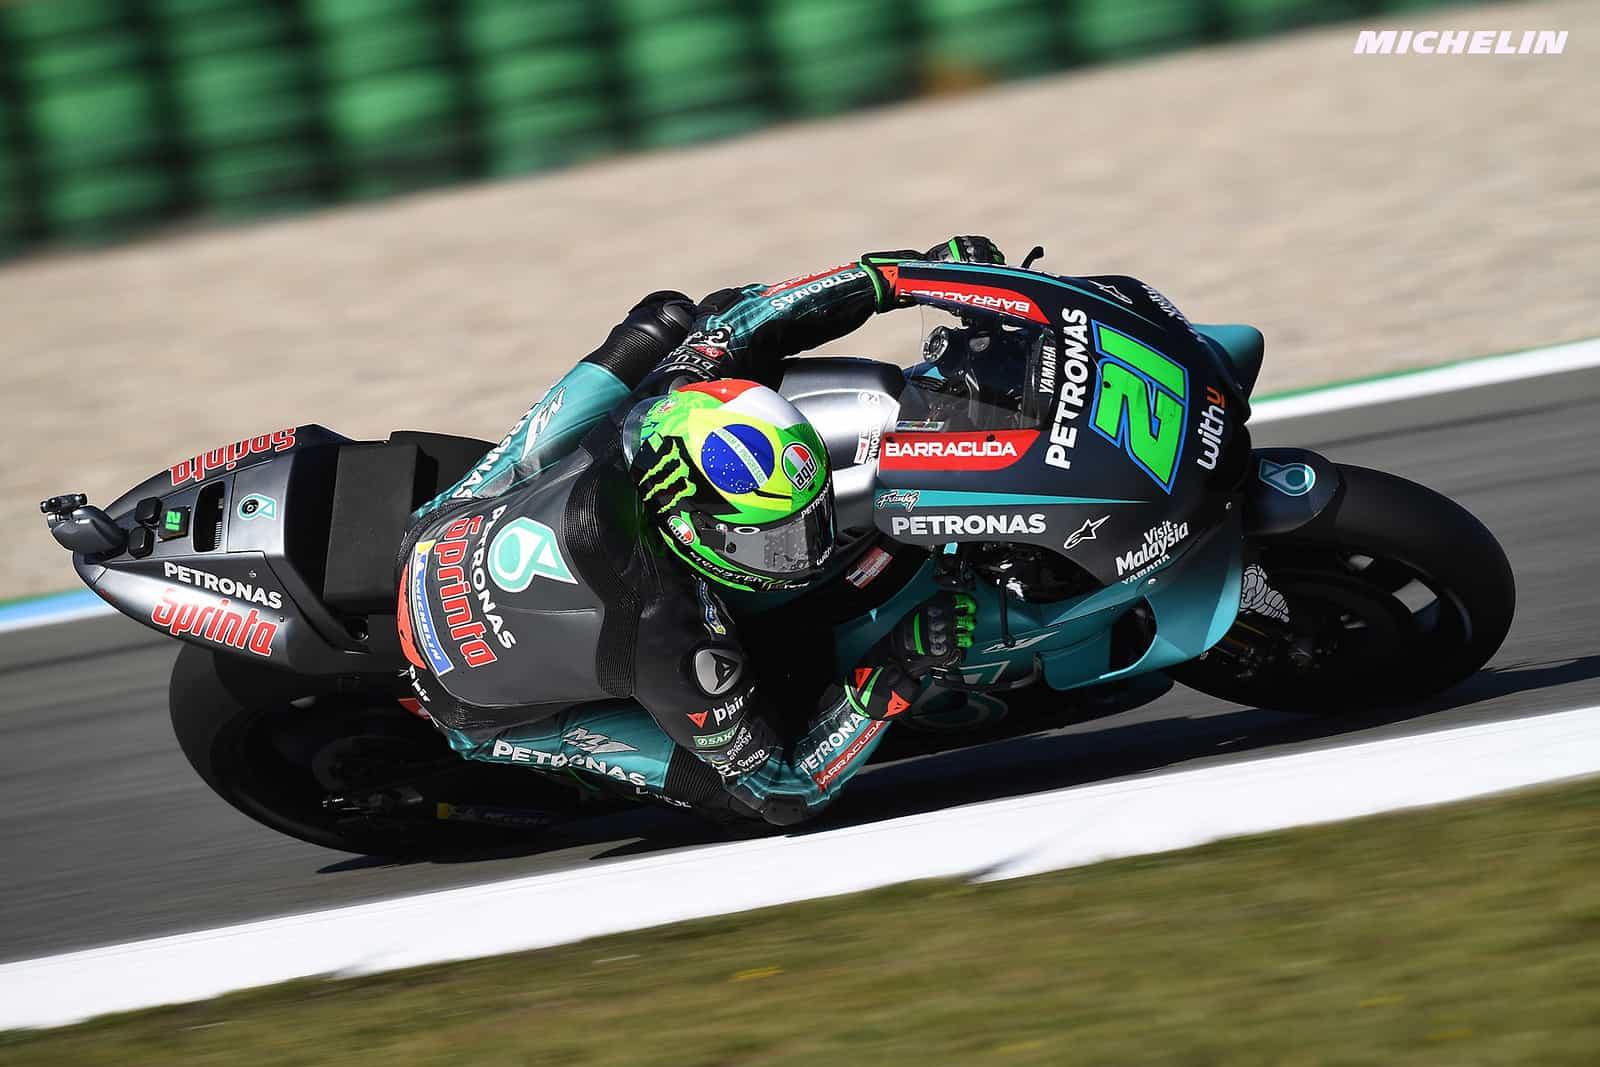 MotoGP2019ドイツGP モルビデッリ「ヤマハに合っているトラックで自信がある」